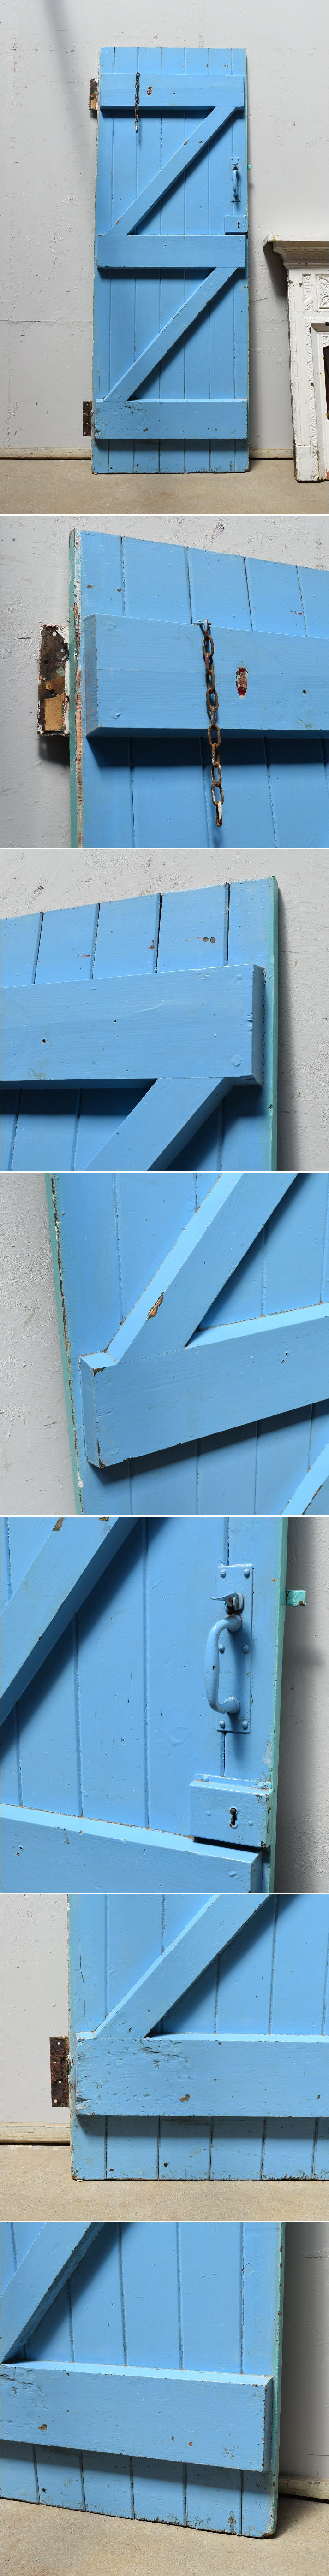 イギリス アンティーク 木製ドア 扉 ディスプレイ 建具 6917